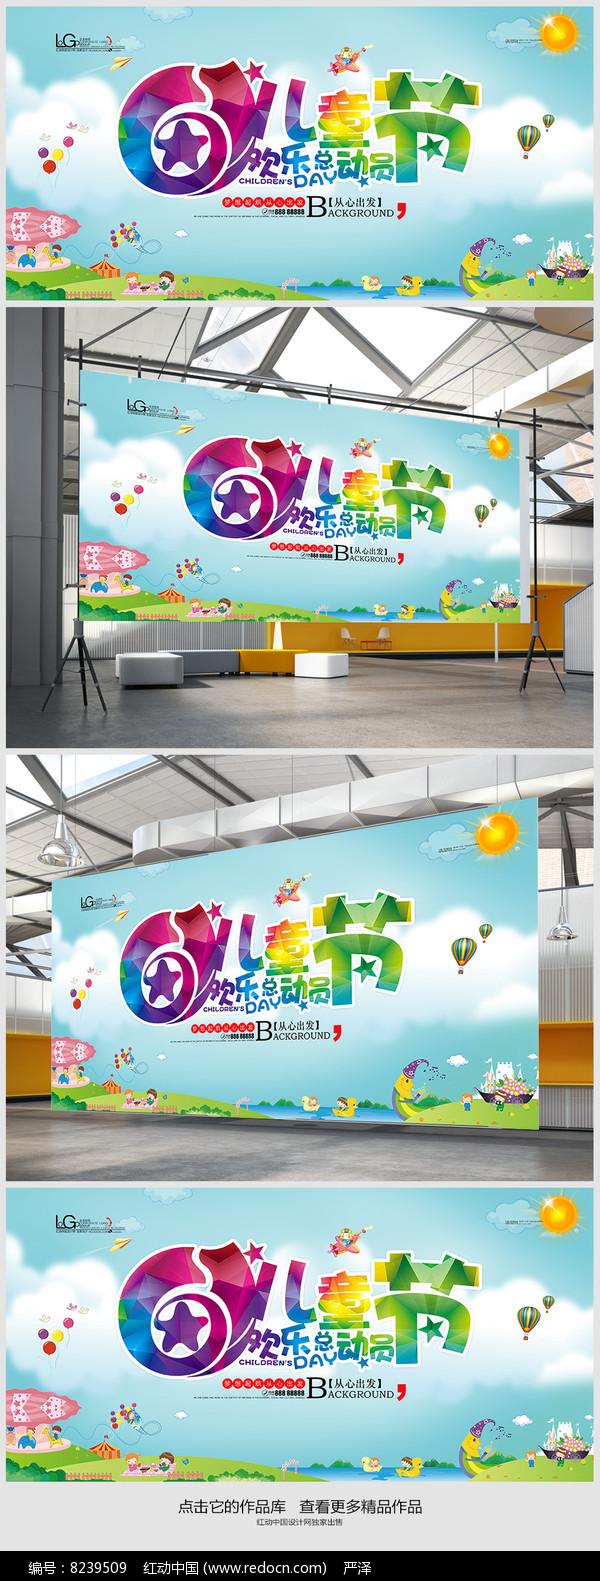 儿童节夏季亲子活动海报设计图片